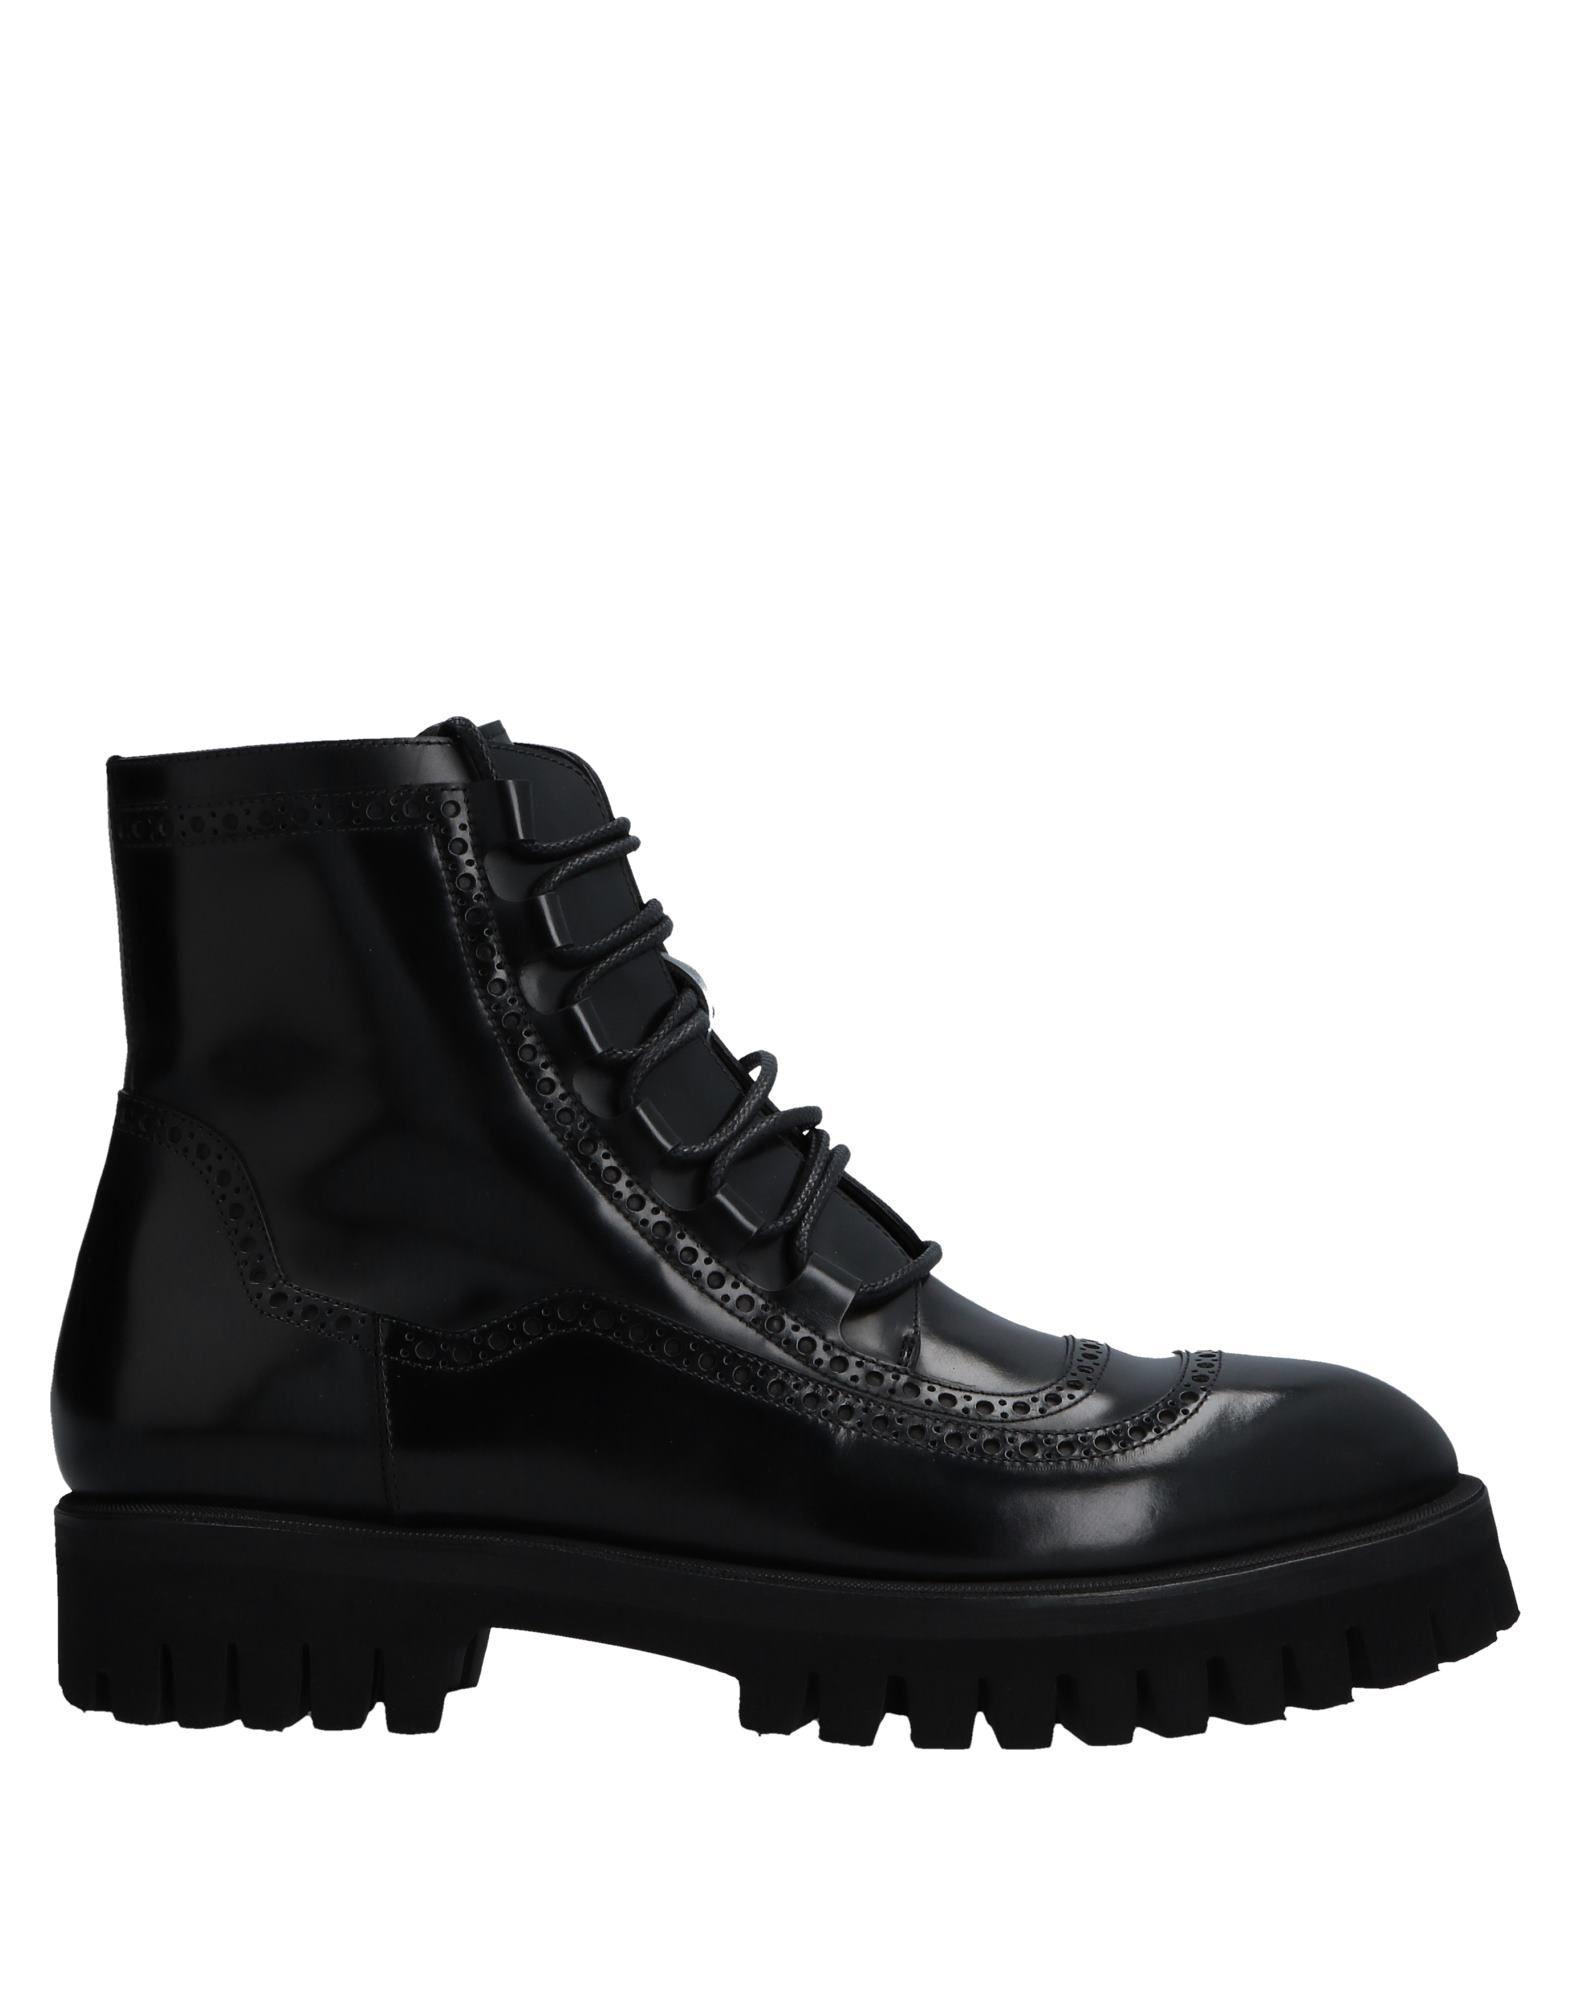 Dolce & Gabbana Stiefelette Herren  11517067AJ Gute Qualität beliebte Schuhe